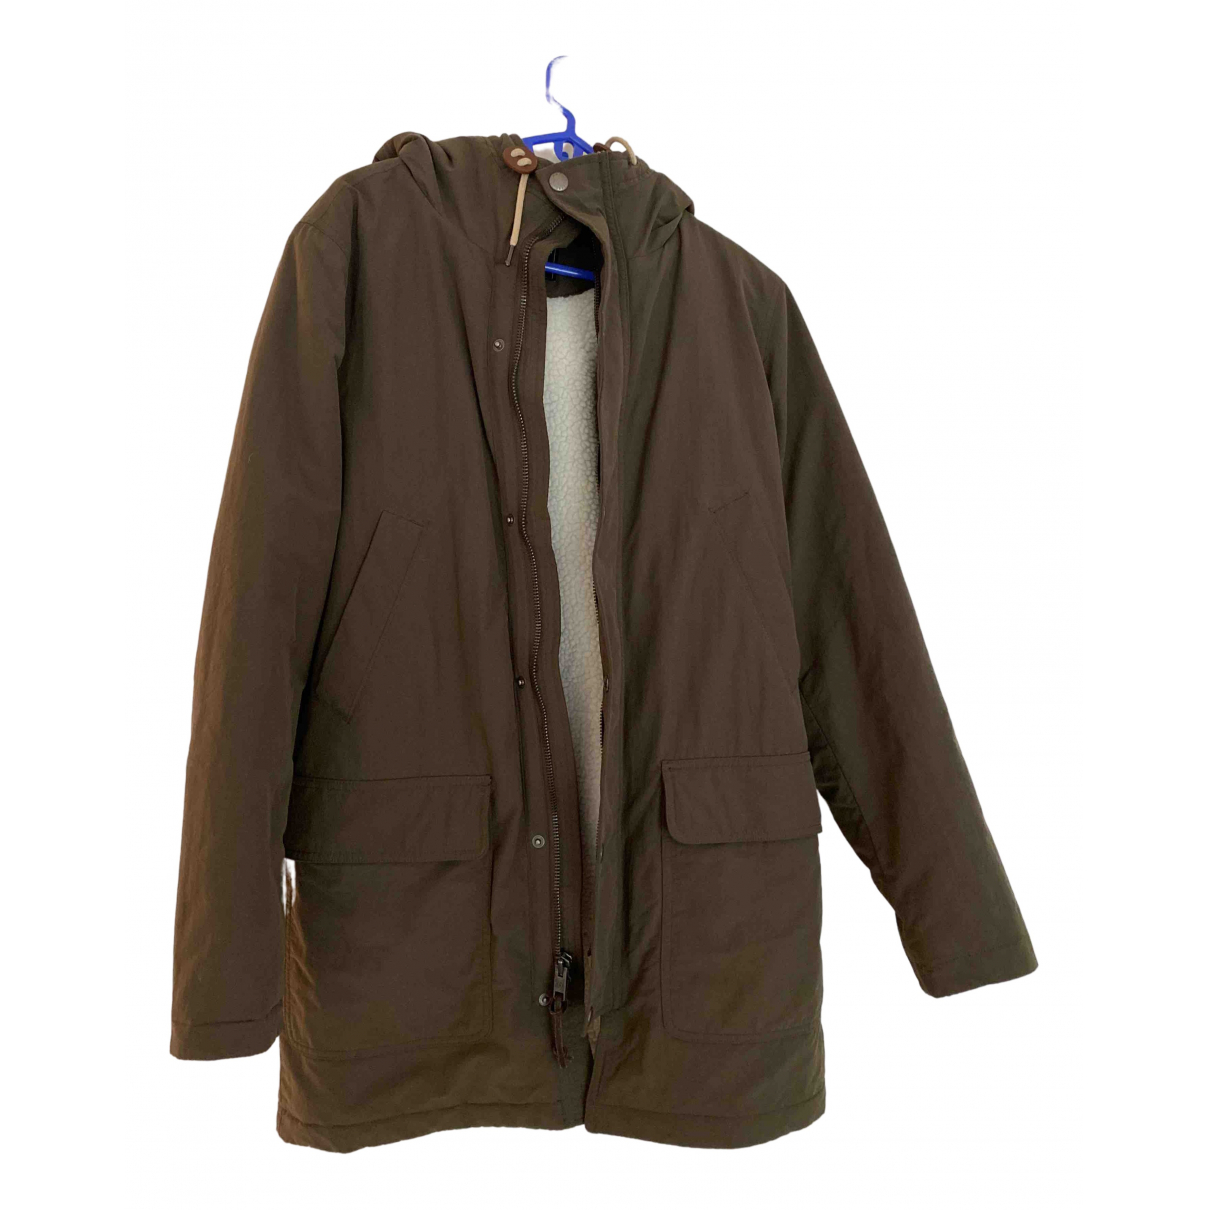 Abercrombie & Fitch - Manteau   pour homme - kaki